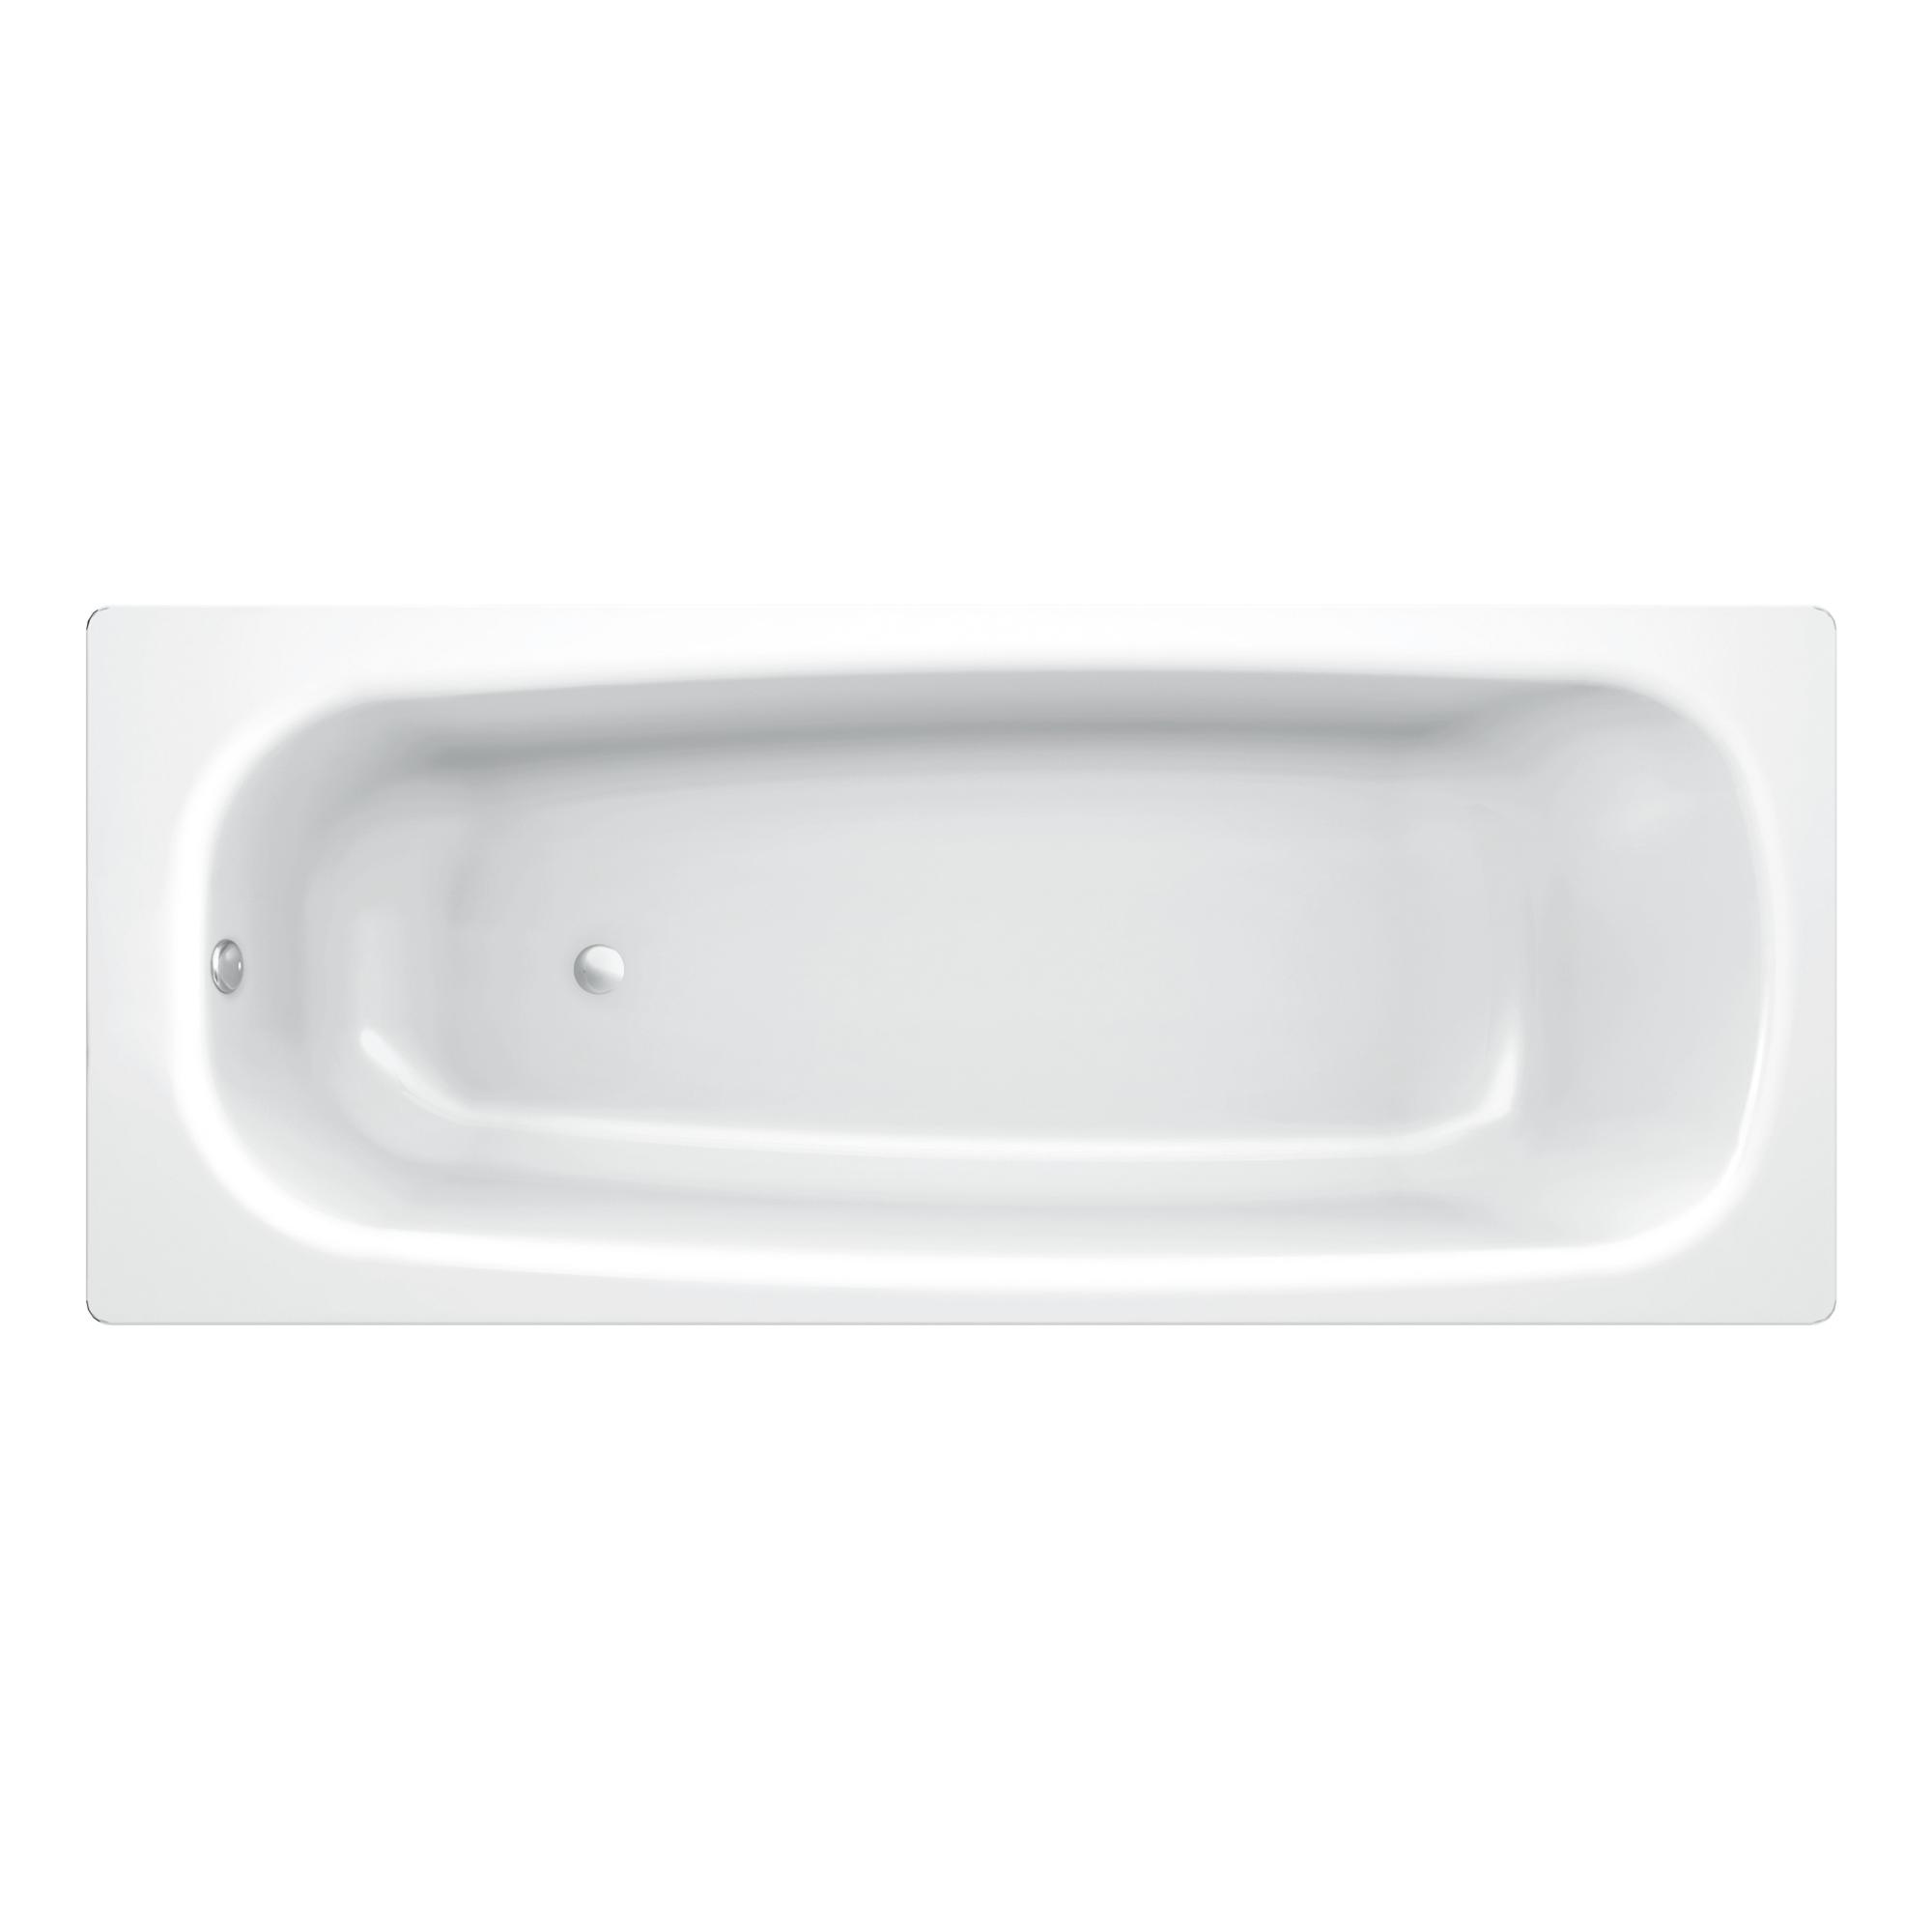 Стальная ванна Koller Pool Universal 170x75 с anti-slip с отв. под ручки marc jacobs beauty le marc помада для губ жидкая slow burn